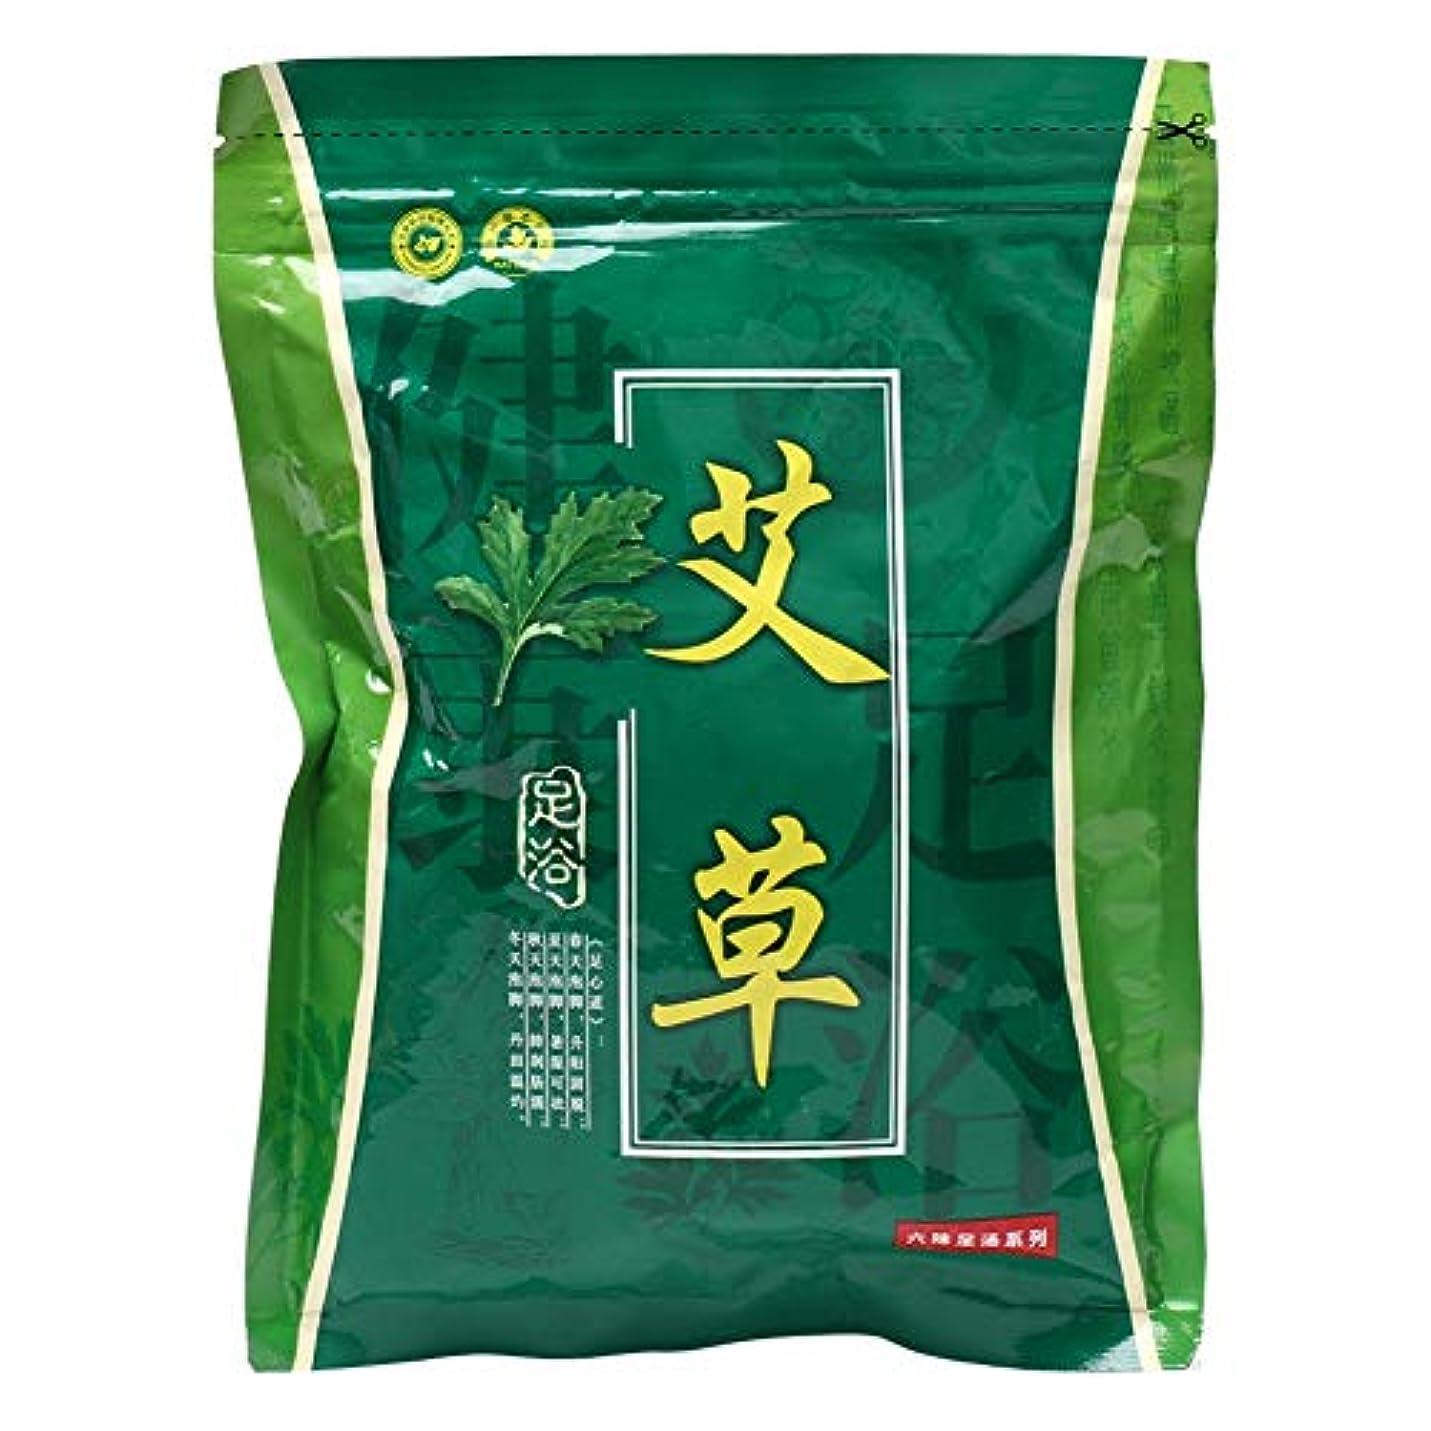 薬局くつろぐ該当するフットソーキングパウダー、ストレス解消のための植物エキス入りフットバスパウダー(よもぎ)